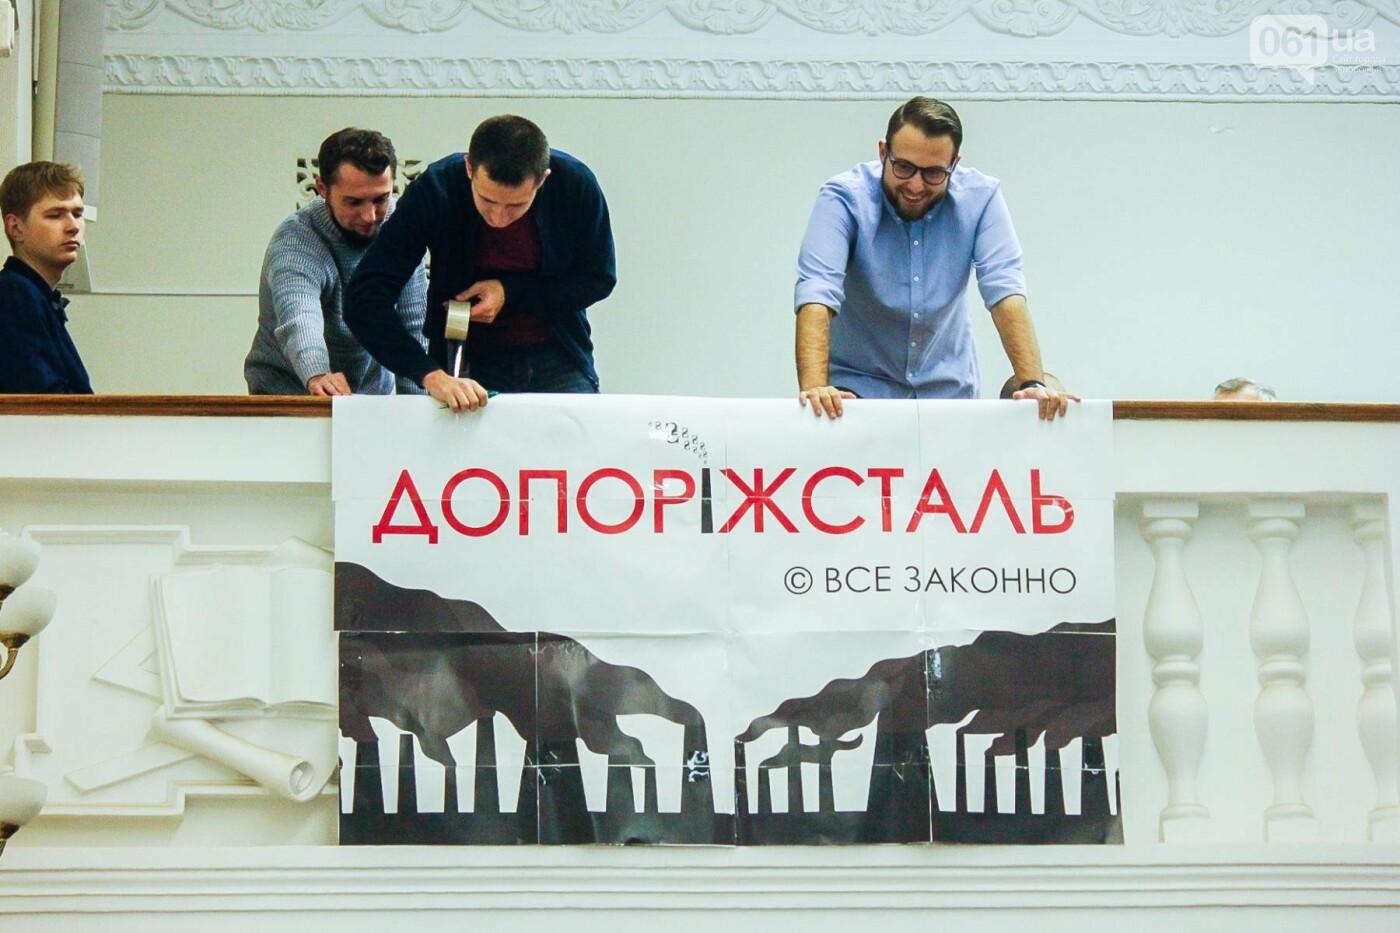 Сессия запорожского горсовета в лицах, - ФОТОРЕПОРТАЖ, фото-6